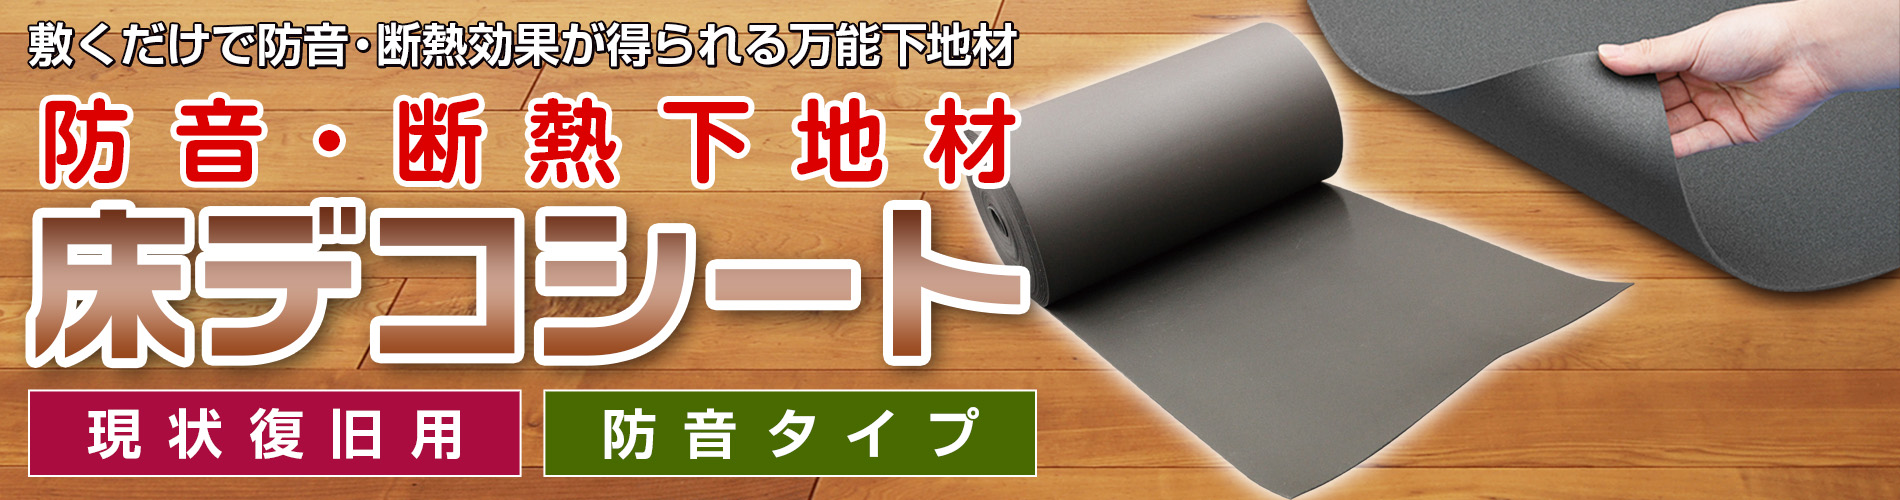 敷くだけで防音・断熱効果が得られる万能下地材 床デコシート